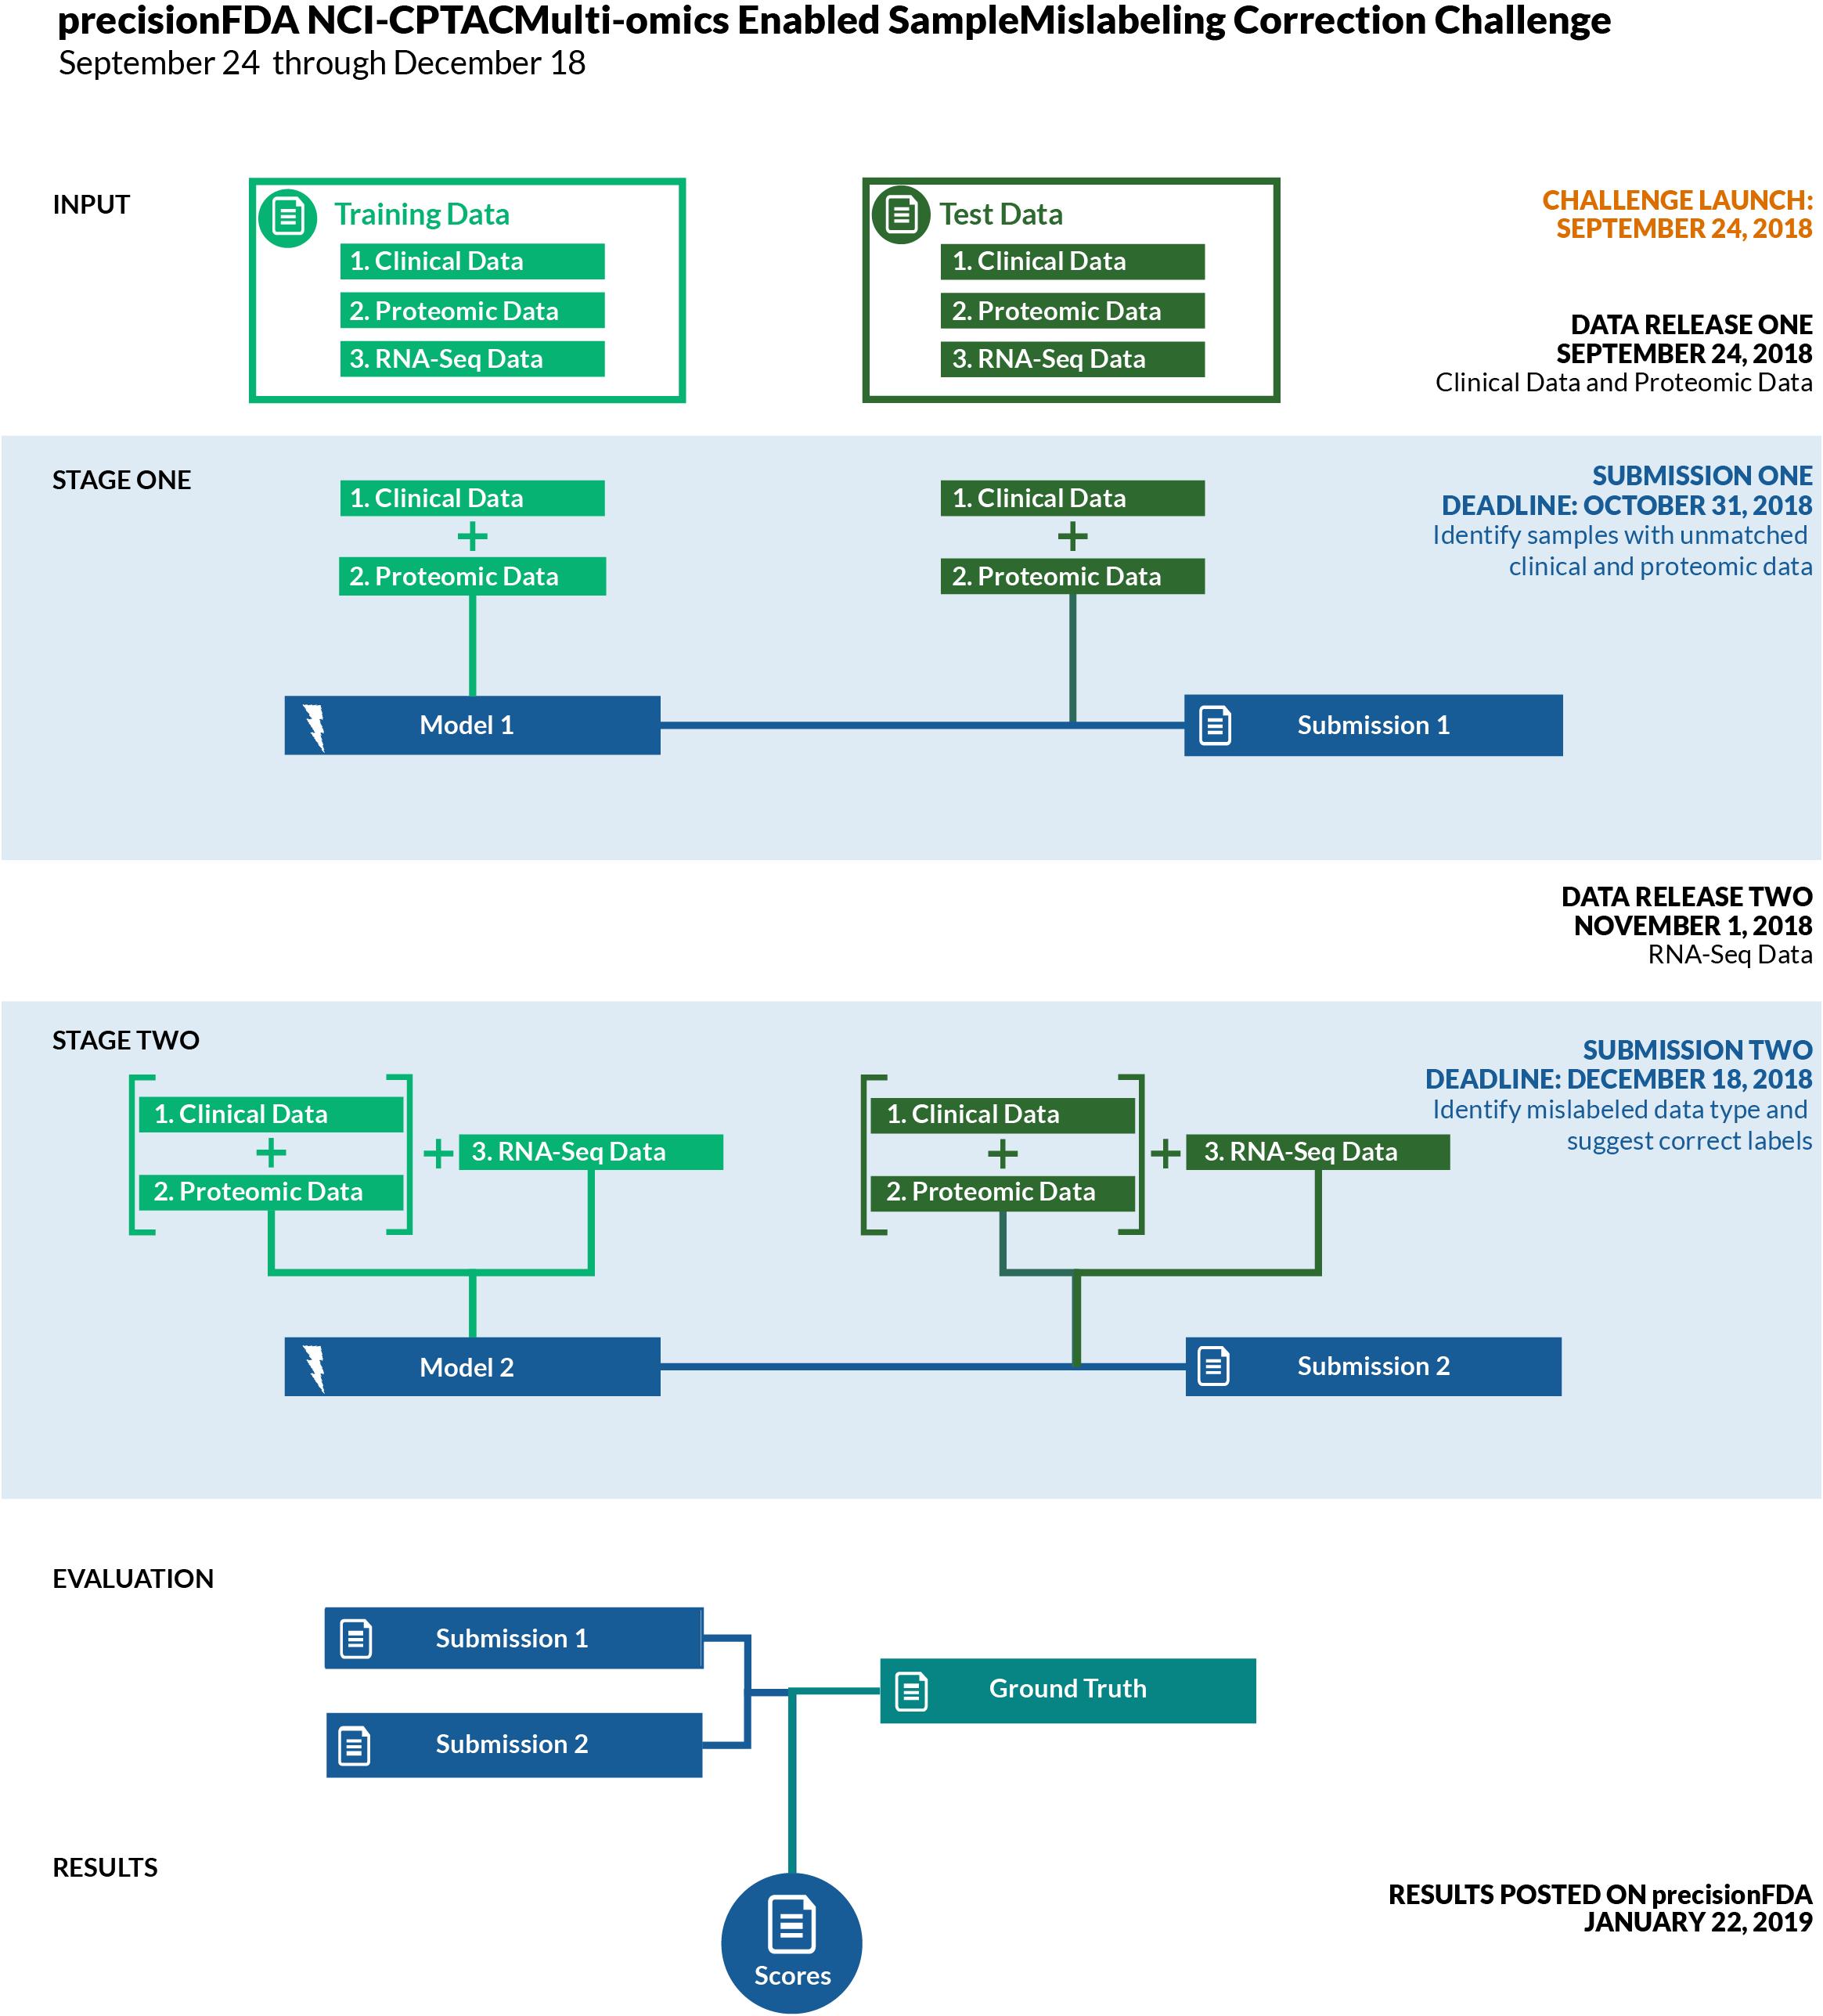 NCI-CPTAC Multi-omics Enabled Sample Mislabeling Correction Challenge